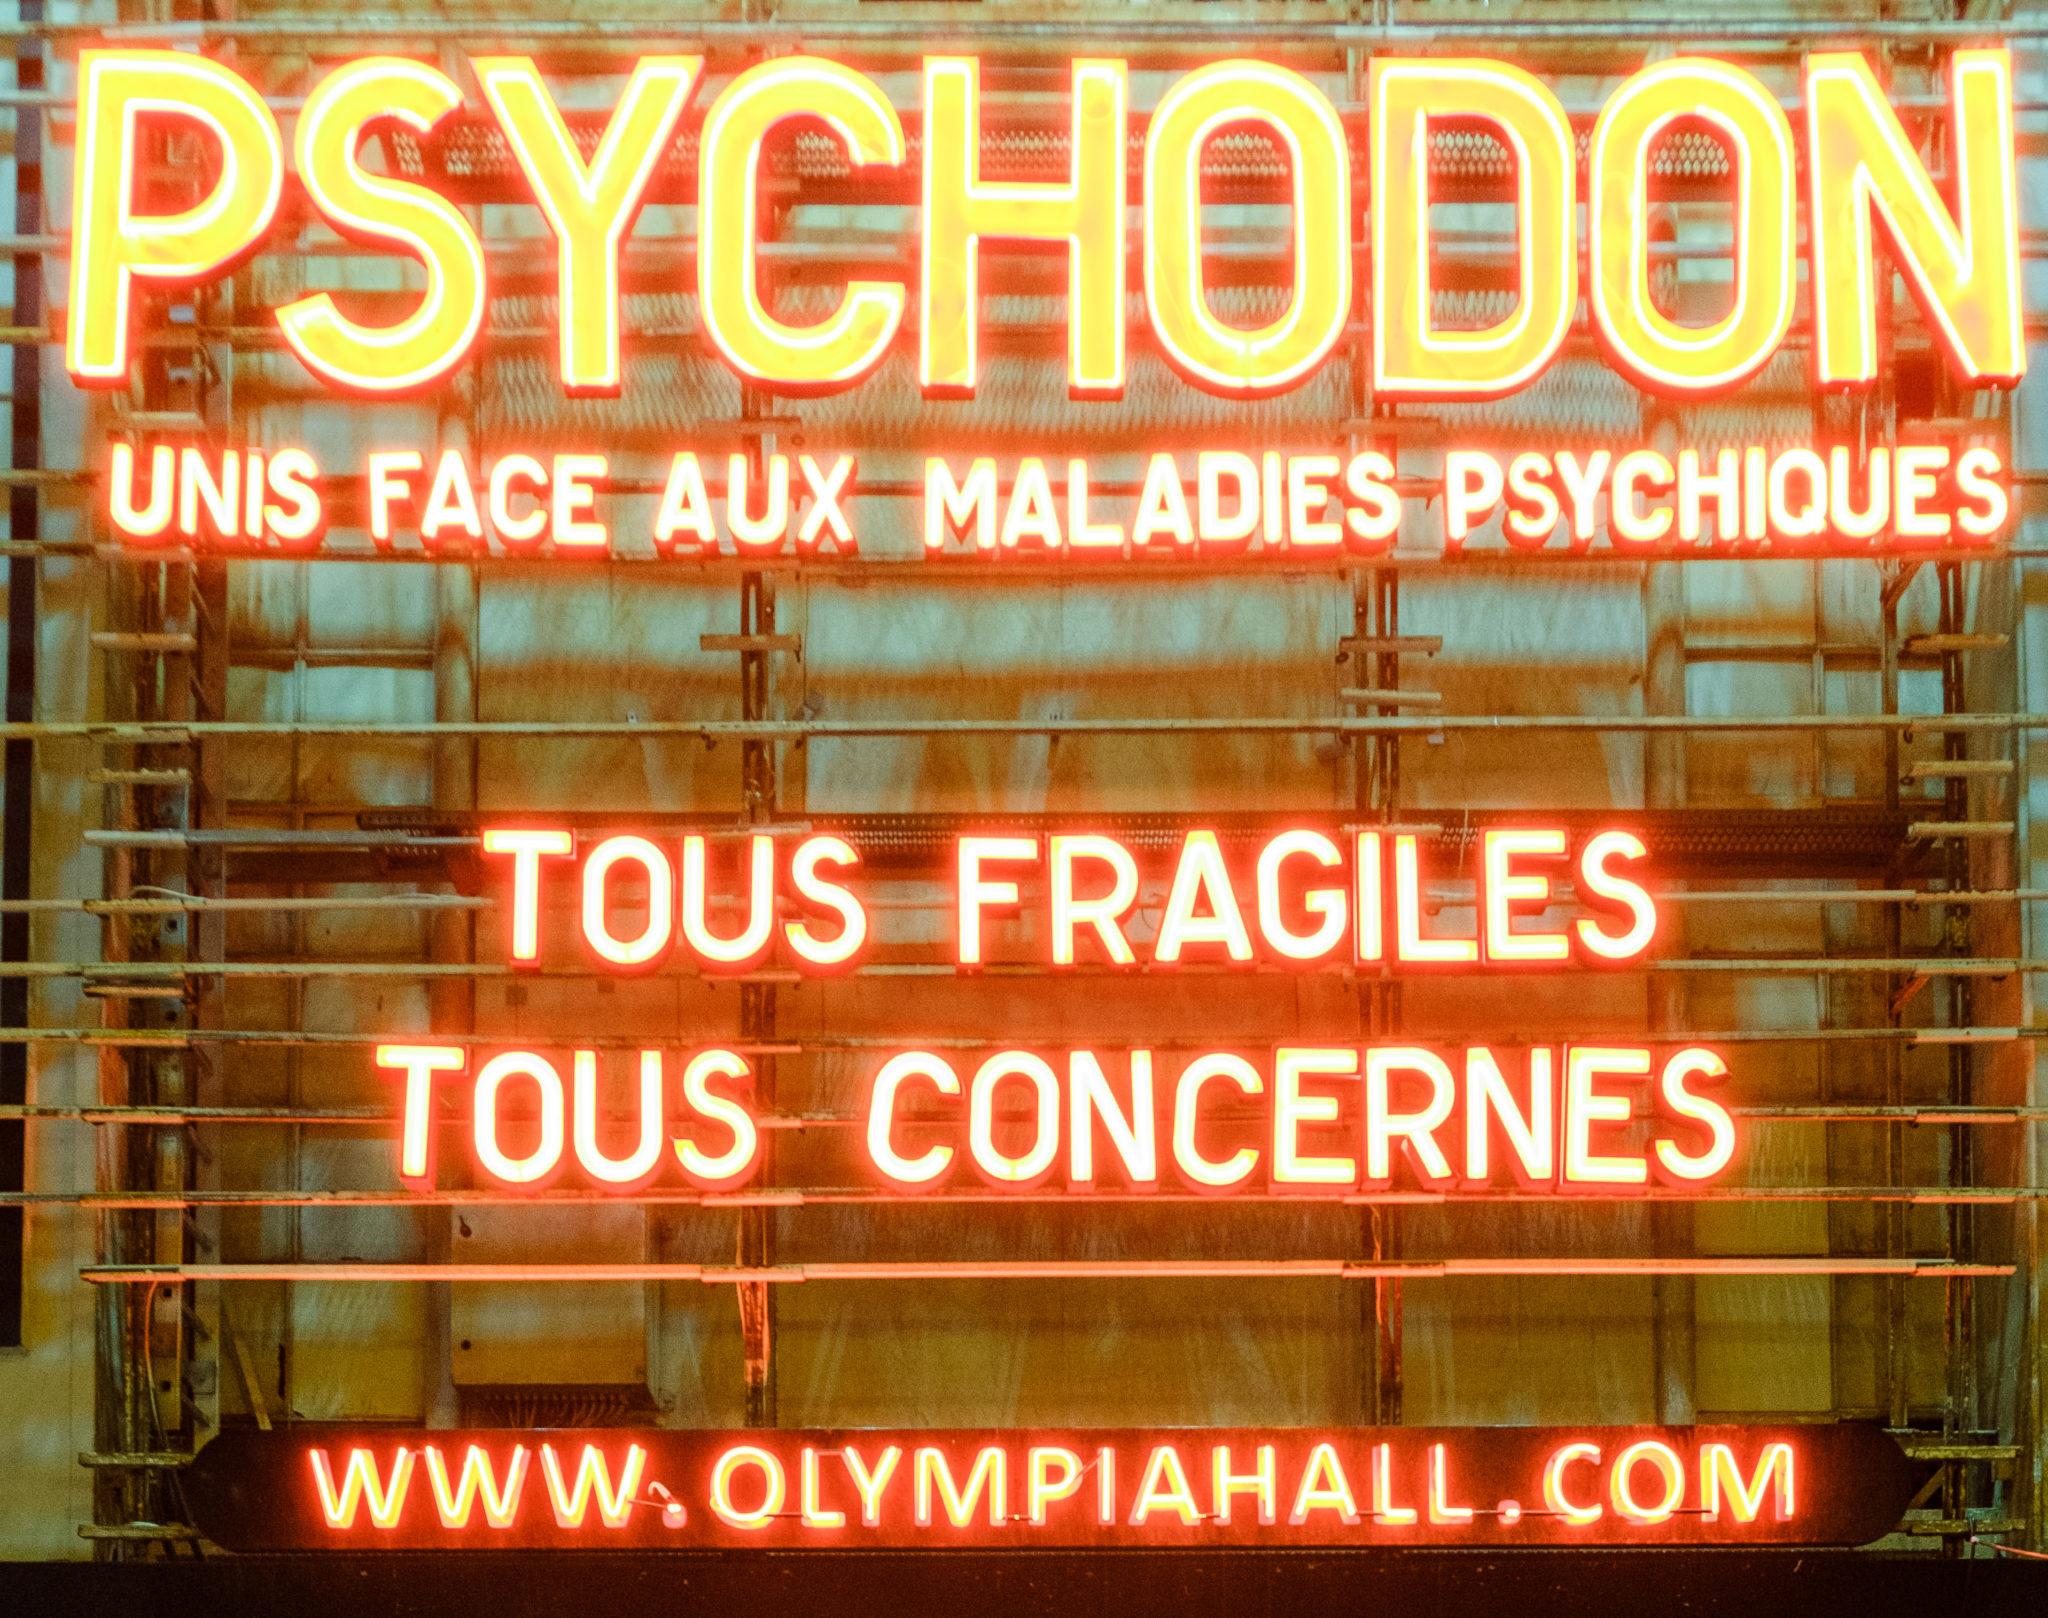 06-10-2020 : Psychodon 2020, une édition réussie et le Cnigem sur scène !